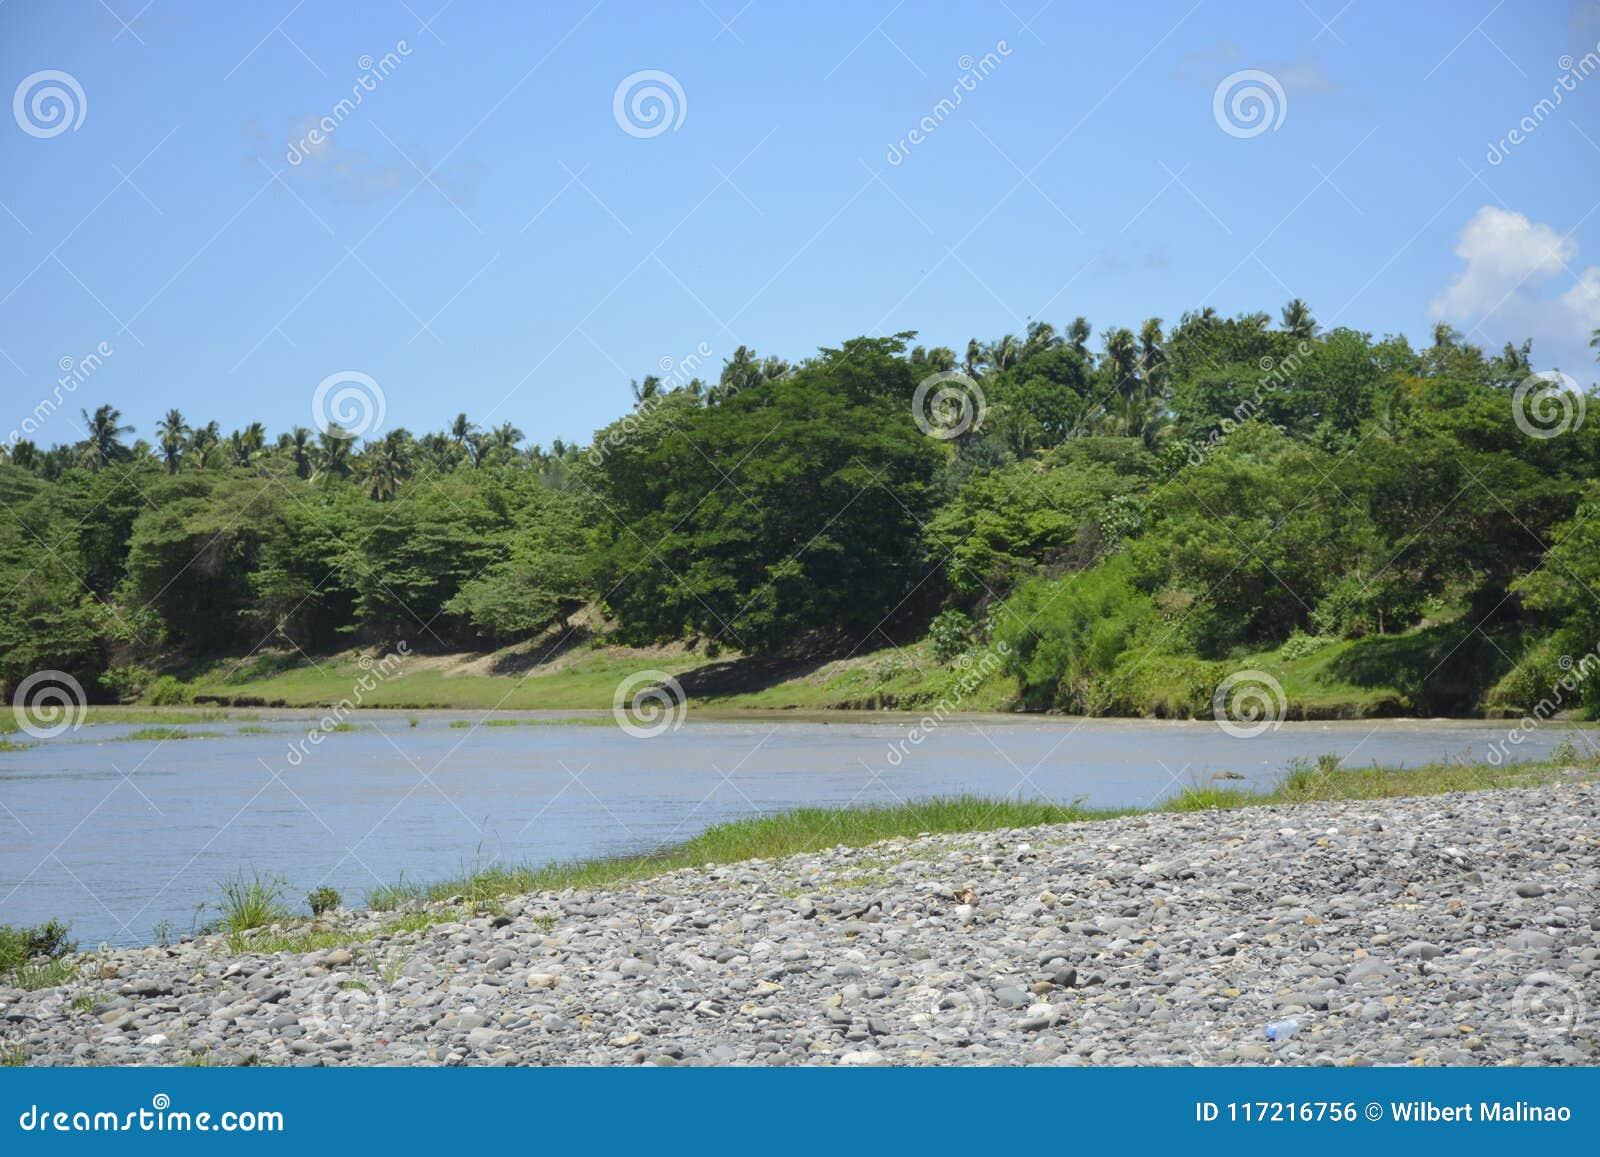 Plantes cultivées dans la rive de la rivière de Padada-Miral, Lapulabao, Hagonoy, Davao del Sur, Philippines